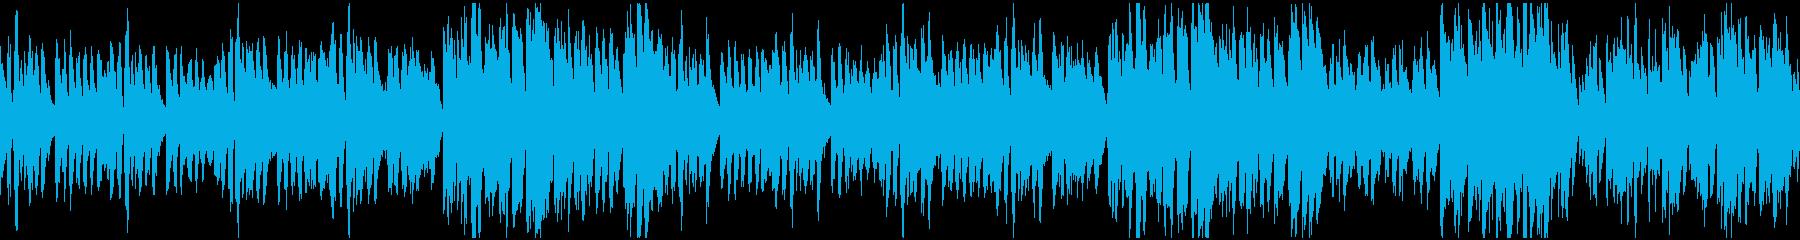 ほのぼの楽しい日常曲・ループの再生済みの波形